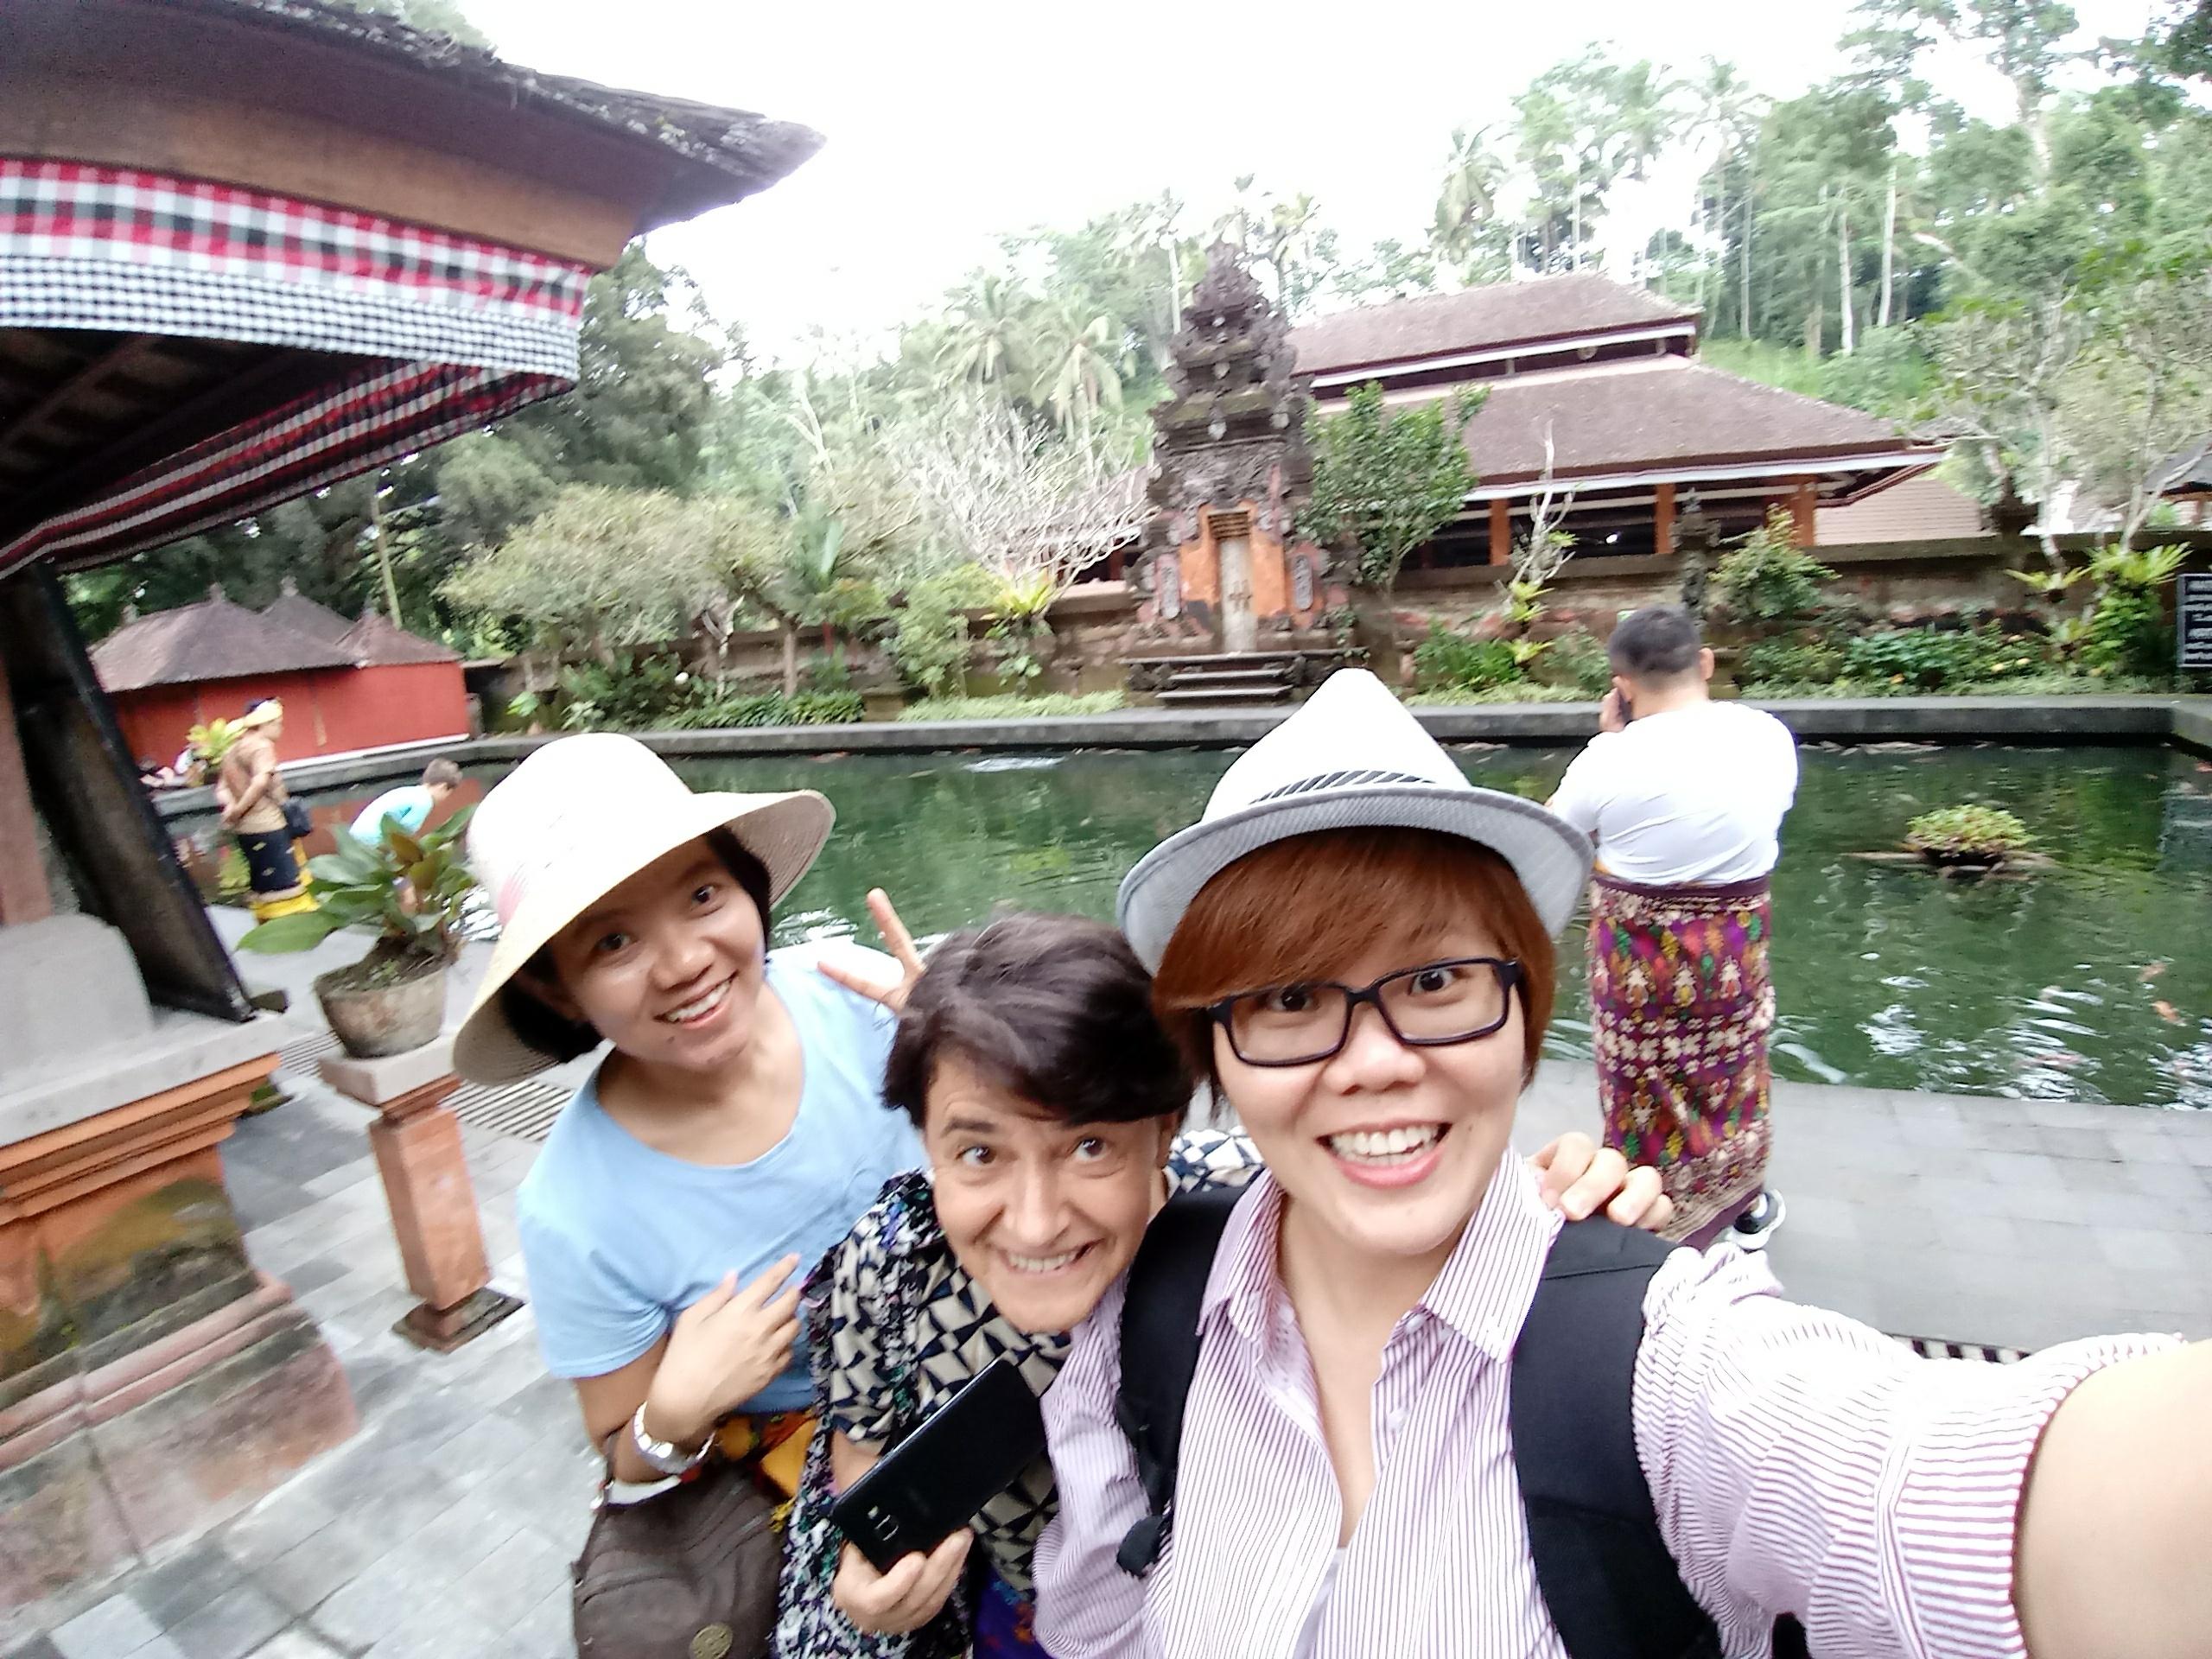 Marina exploring Bali with Felecia and Melia.